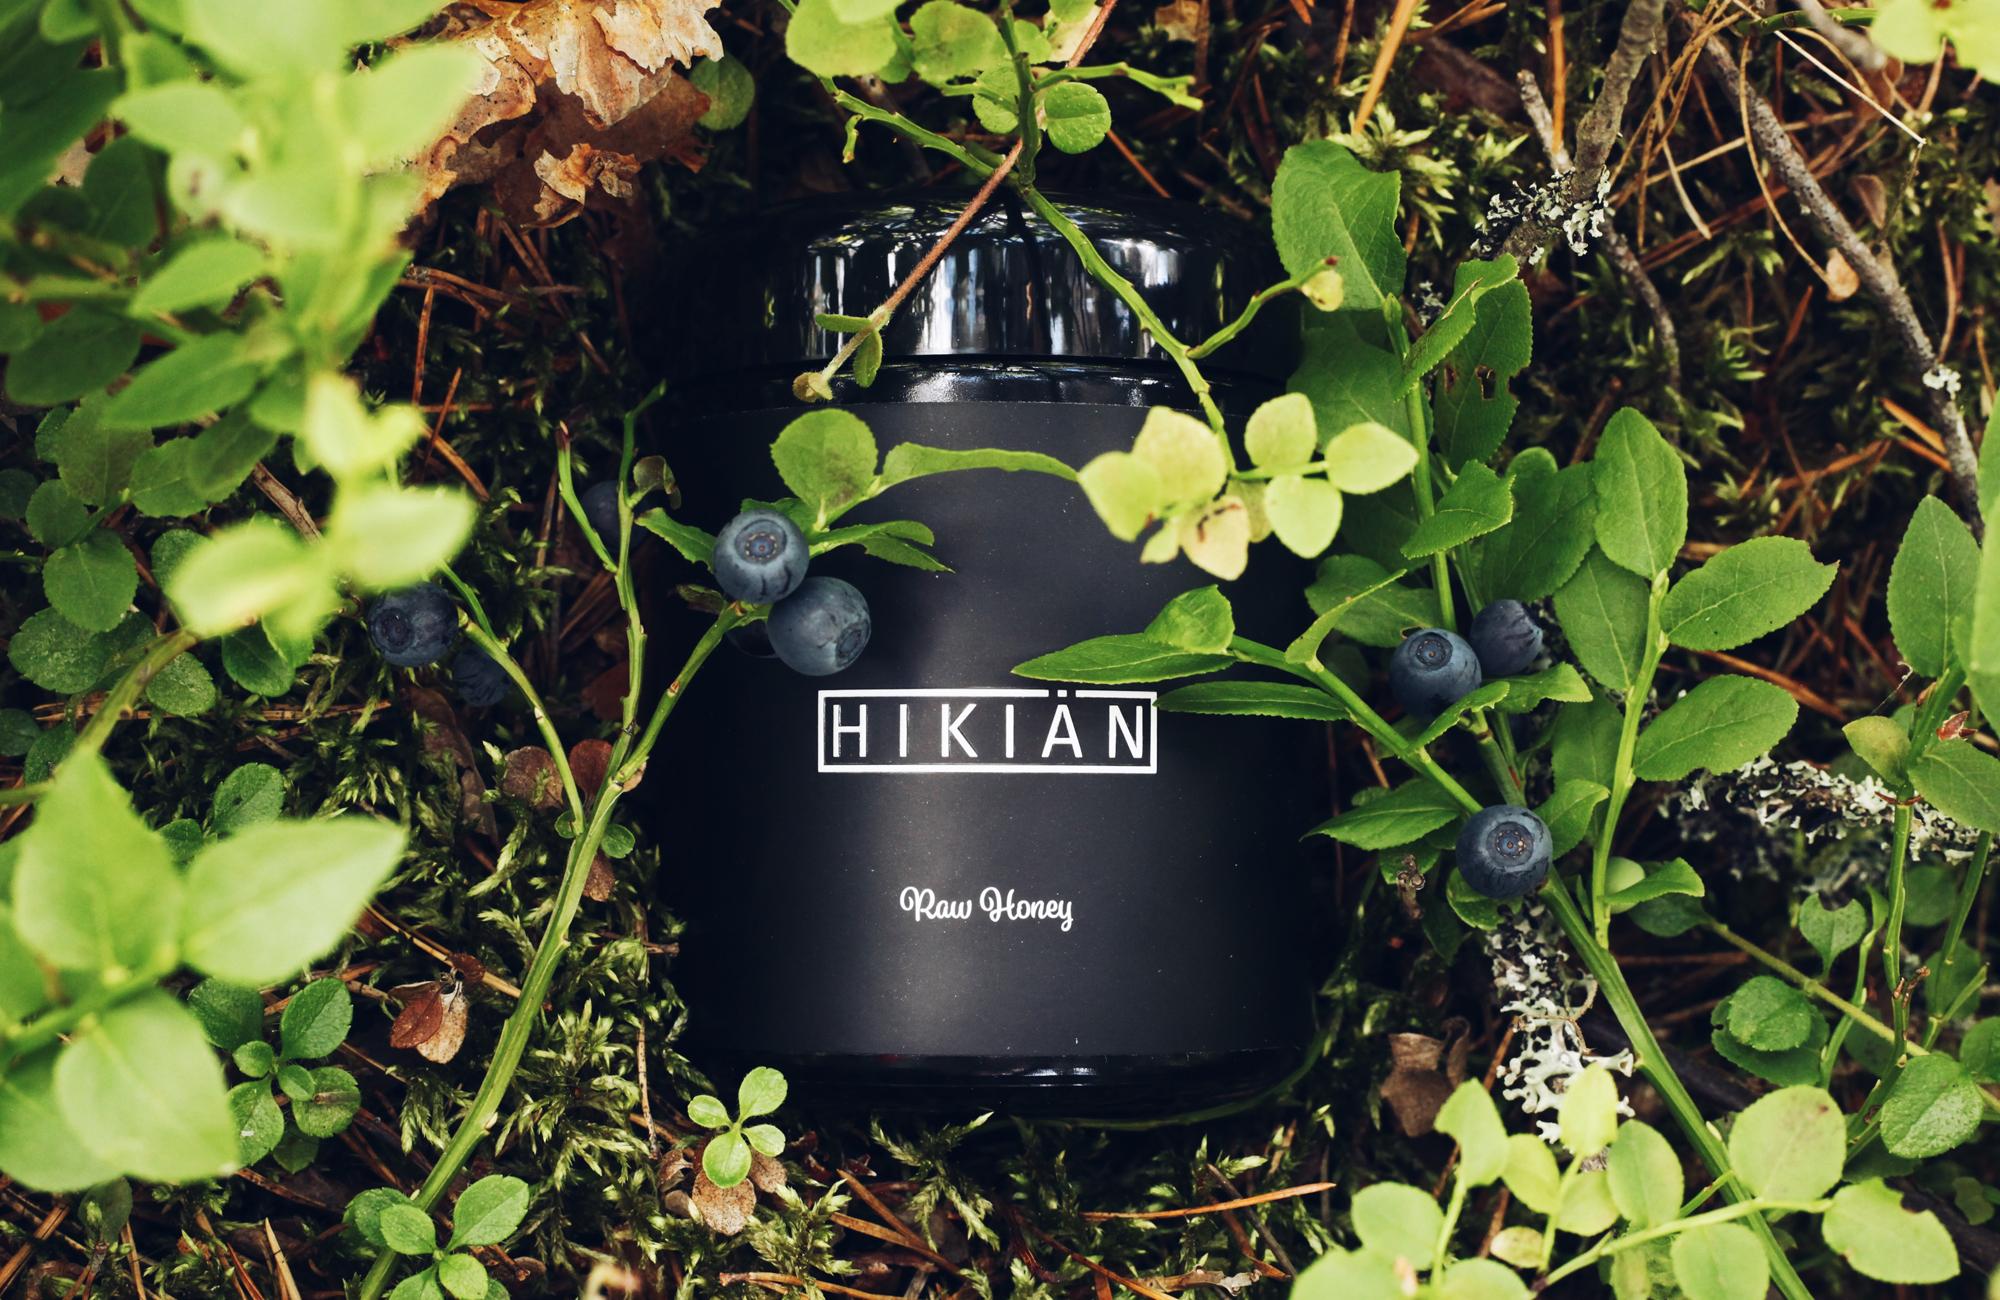 Hikian honey jar on a bilberry